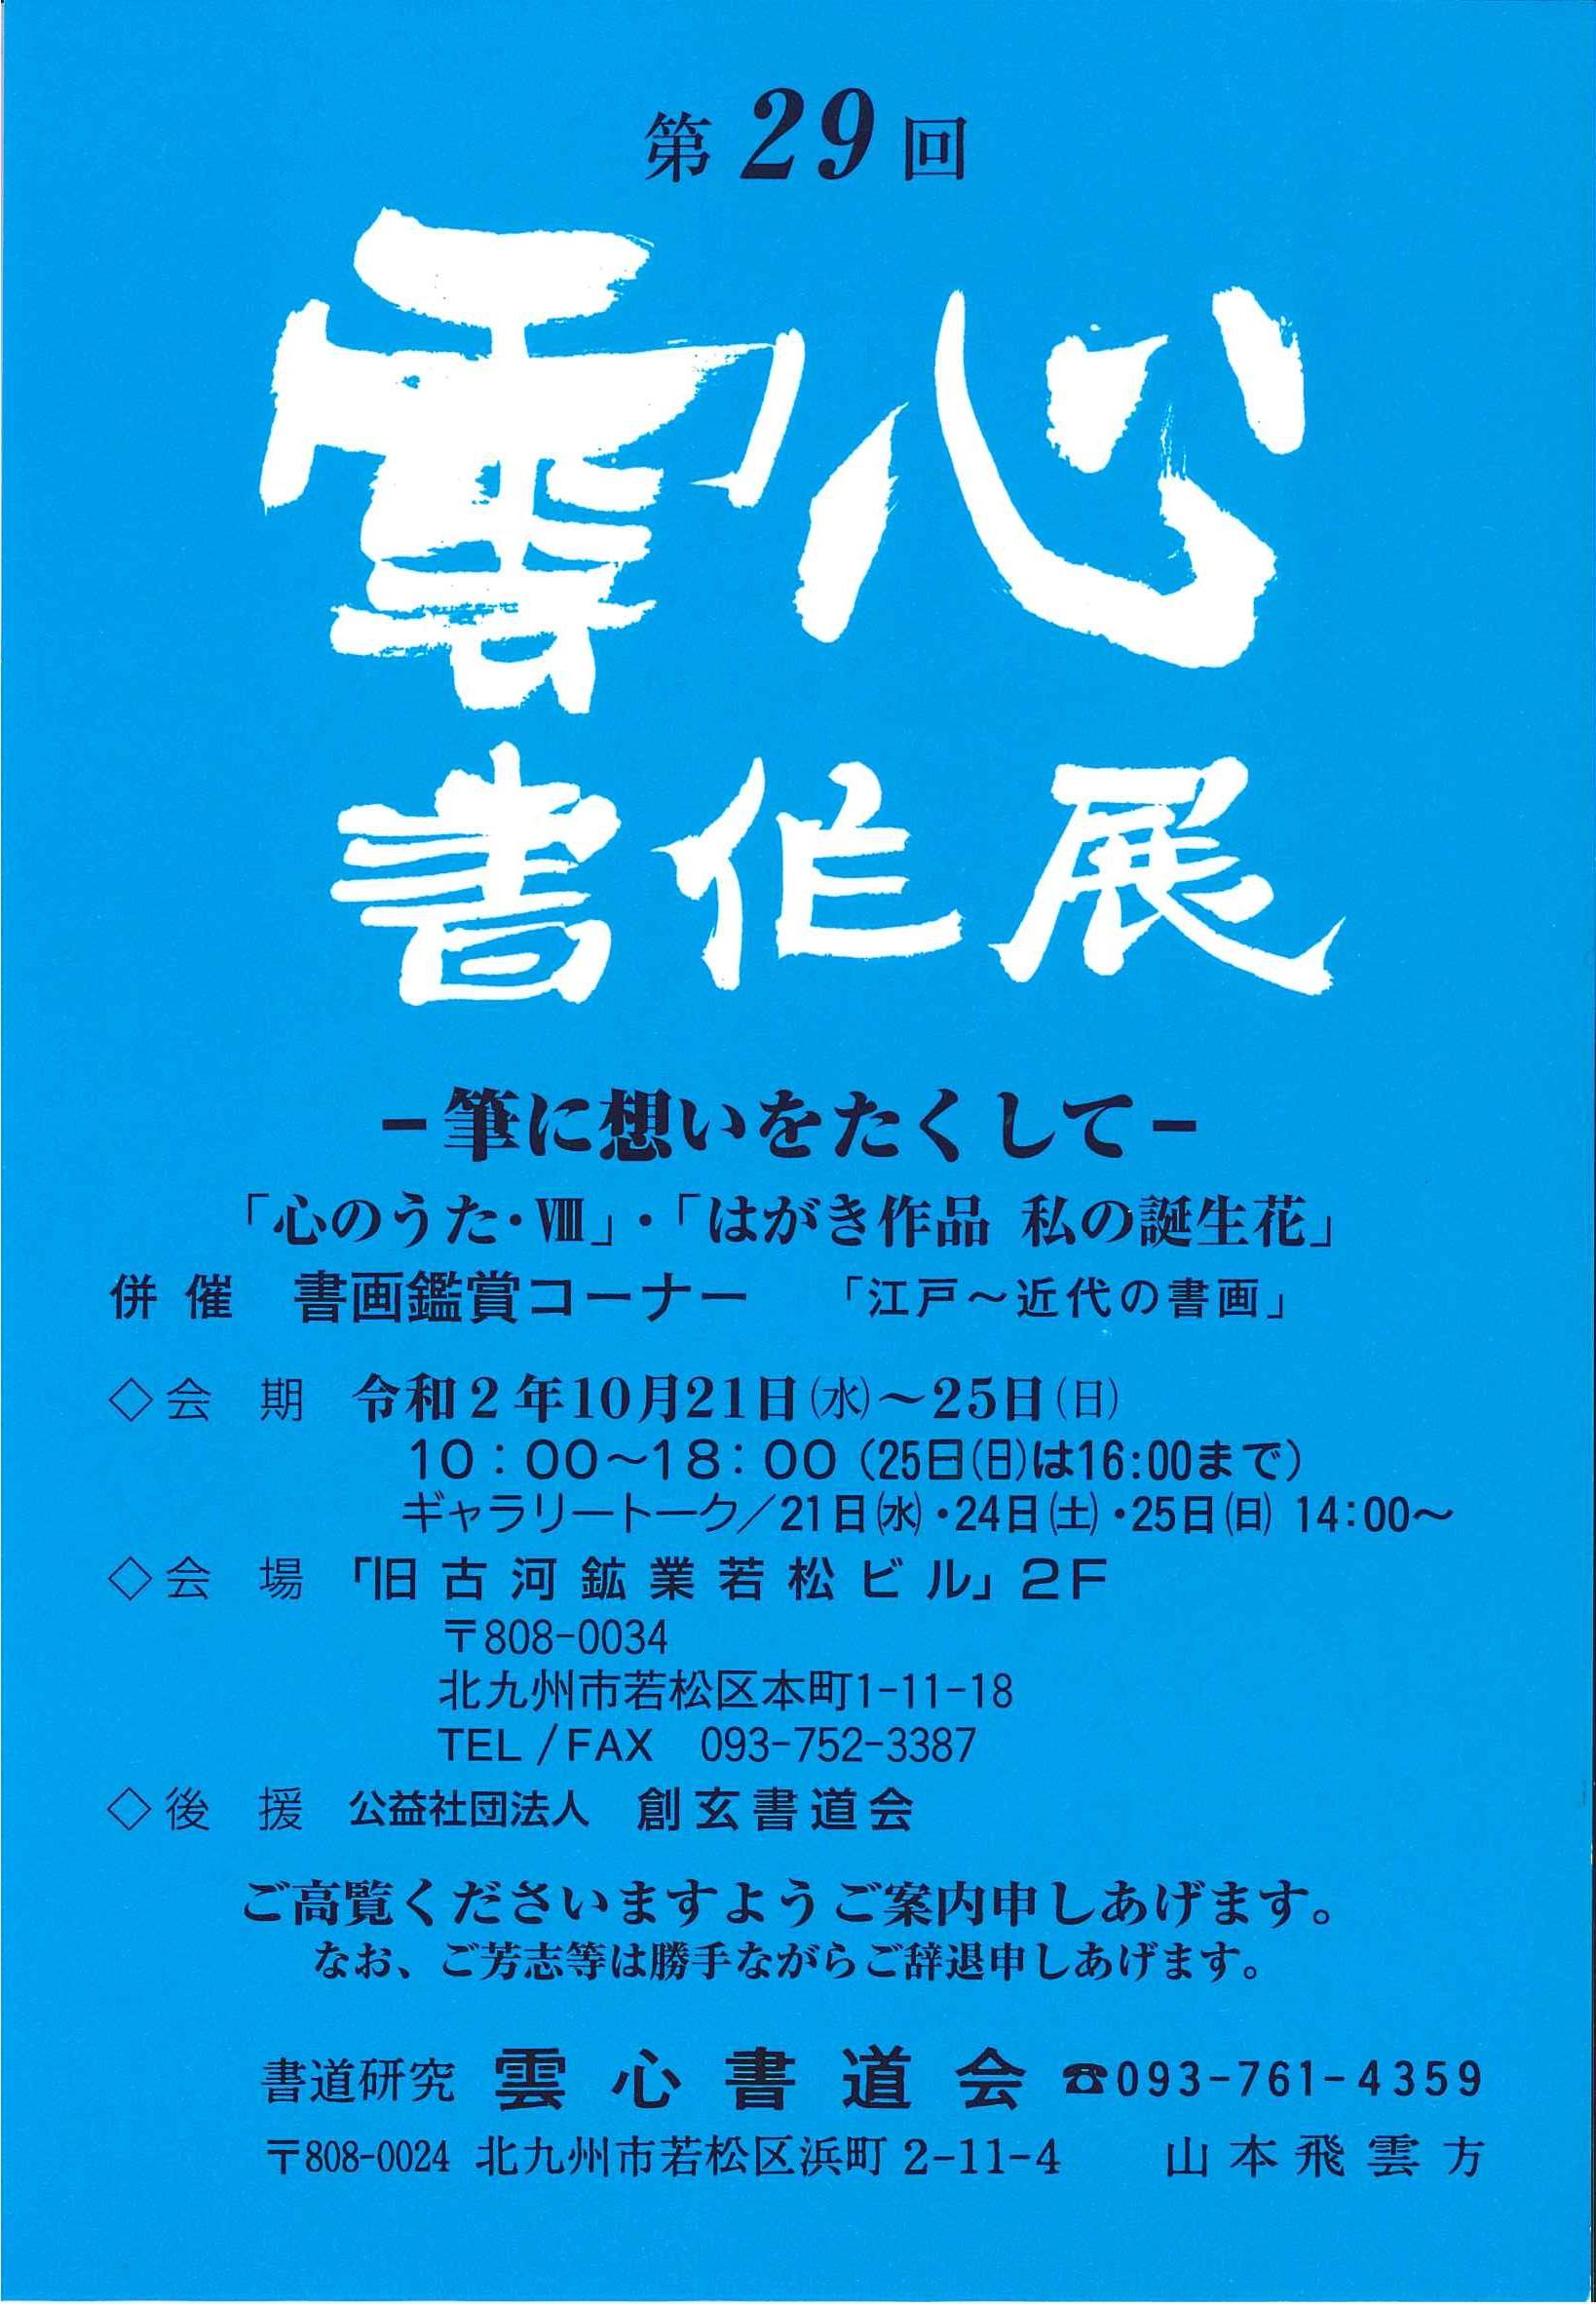 http://www.sogen.or.jp/letter/2020/08/21/20200821111347330_0001.jpg